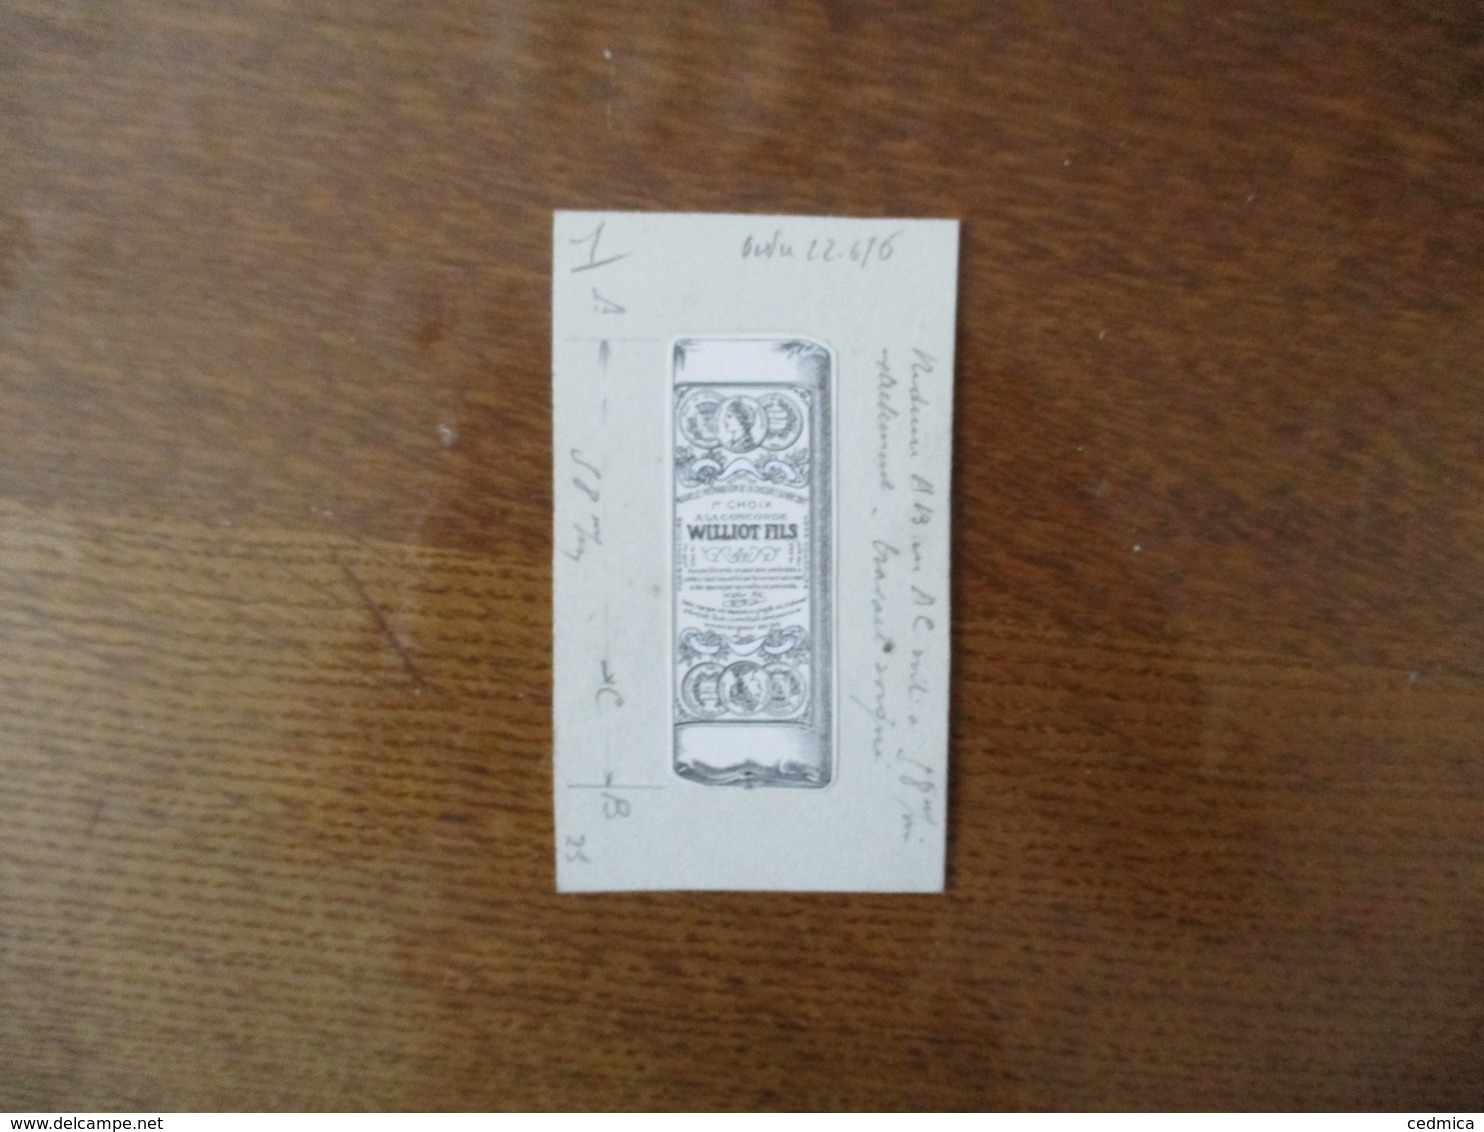 WILLIOT FILS A LA CONCORDE NOUVELLE PREPARATION DE LA CHICOREE GENRE CAFE PETITE EPREUVE PUBLICITAIRE 8cm/3cm - Reclame